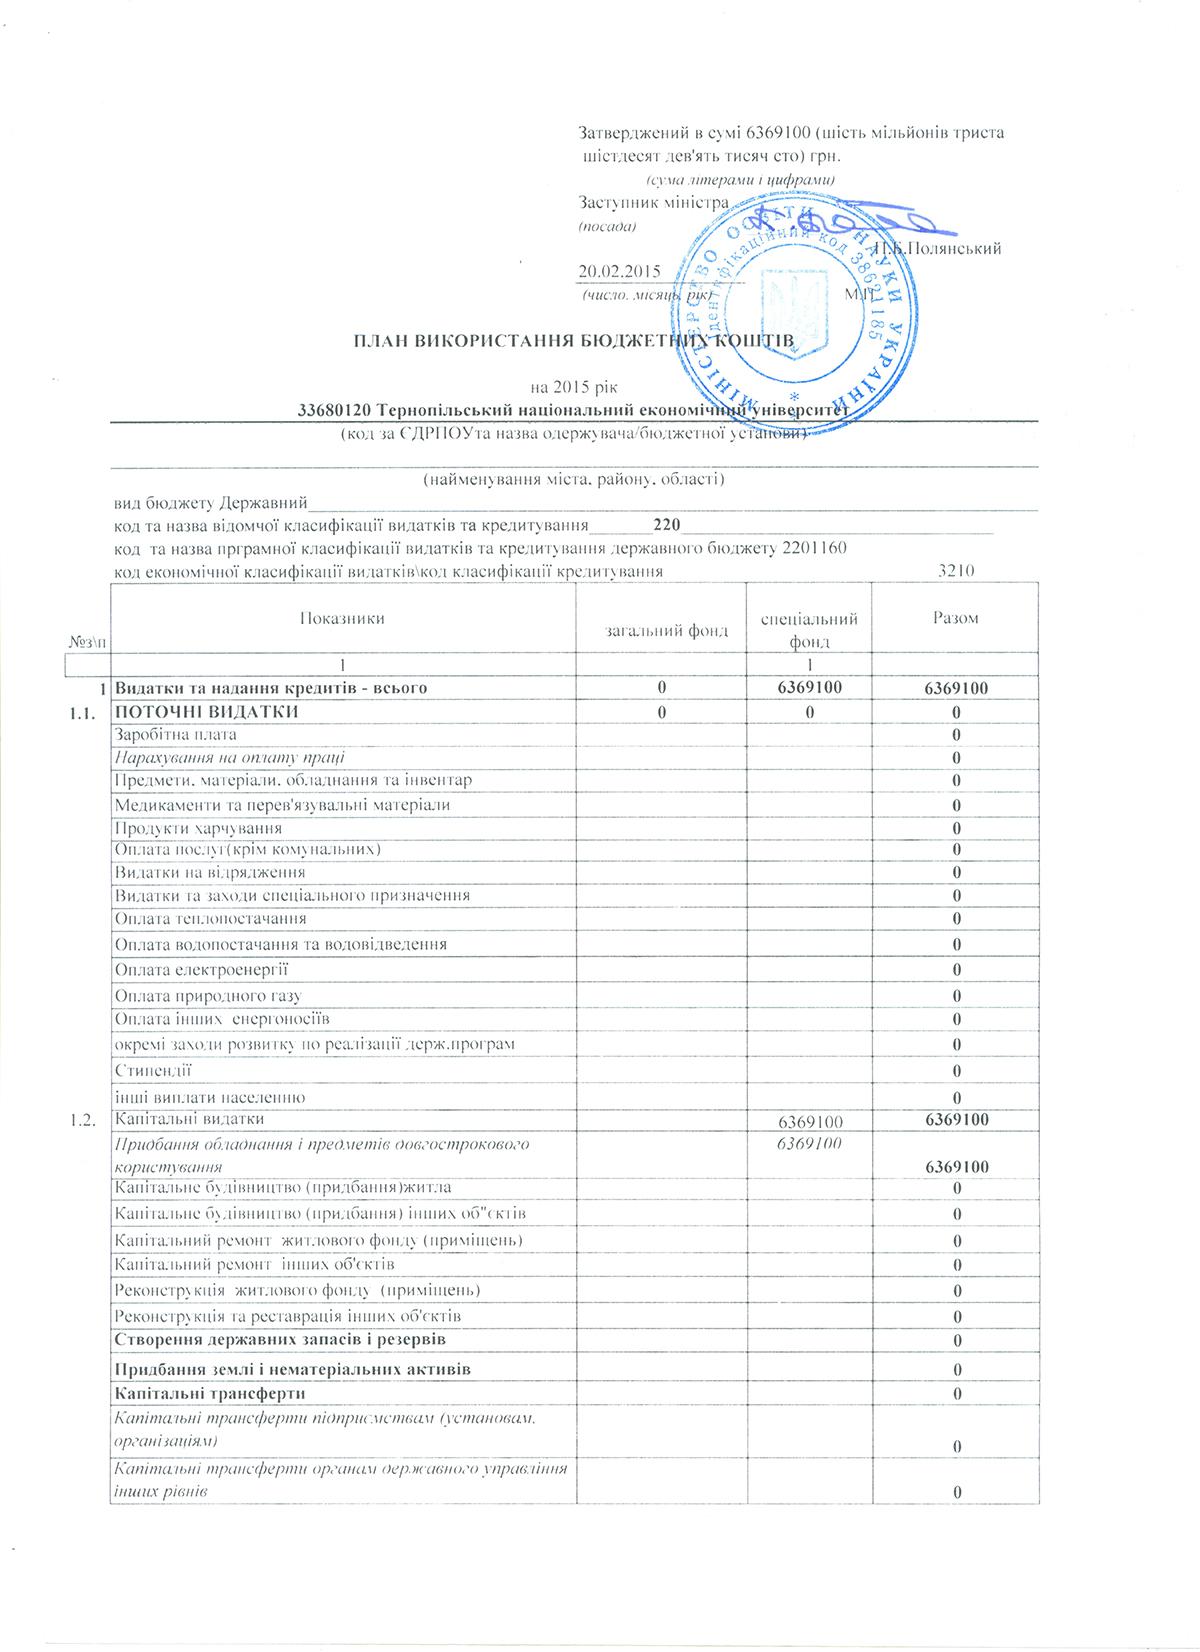 бланк плану використання бюджетних кошт в 1220 в д 26 11 2012